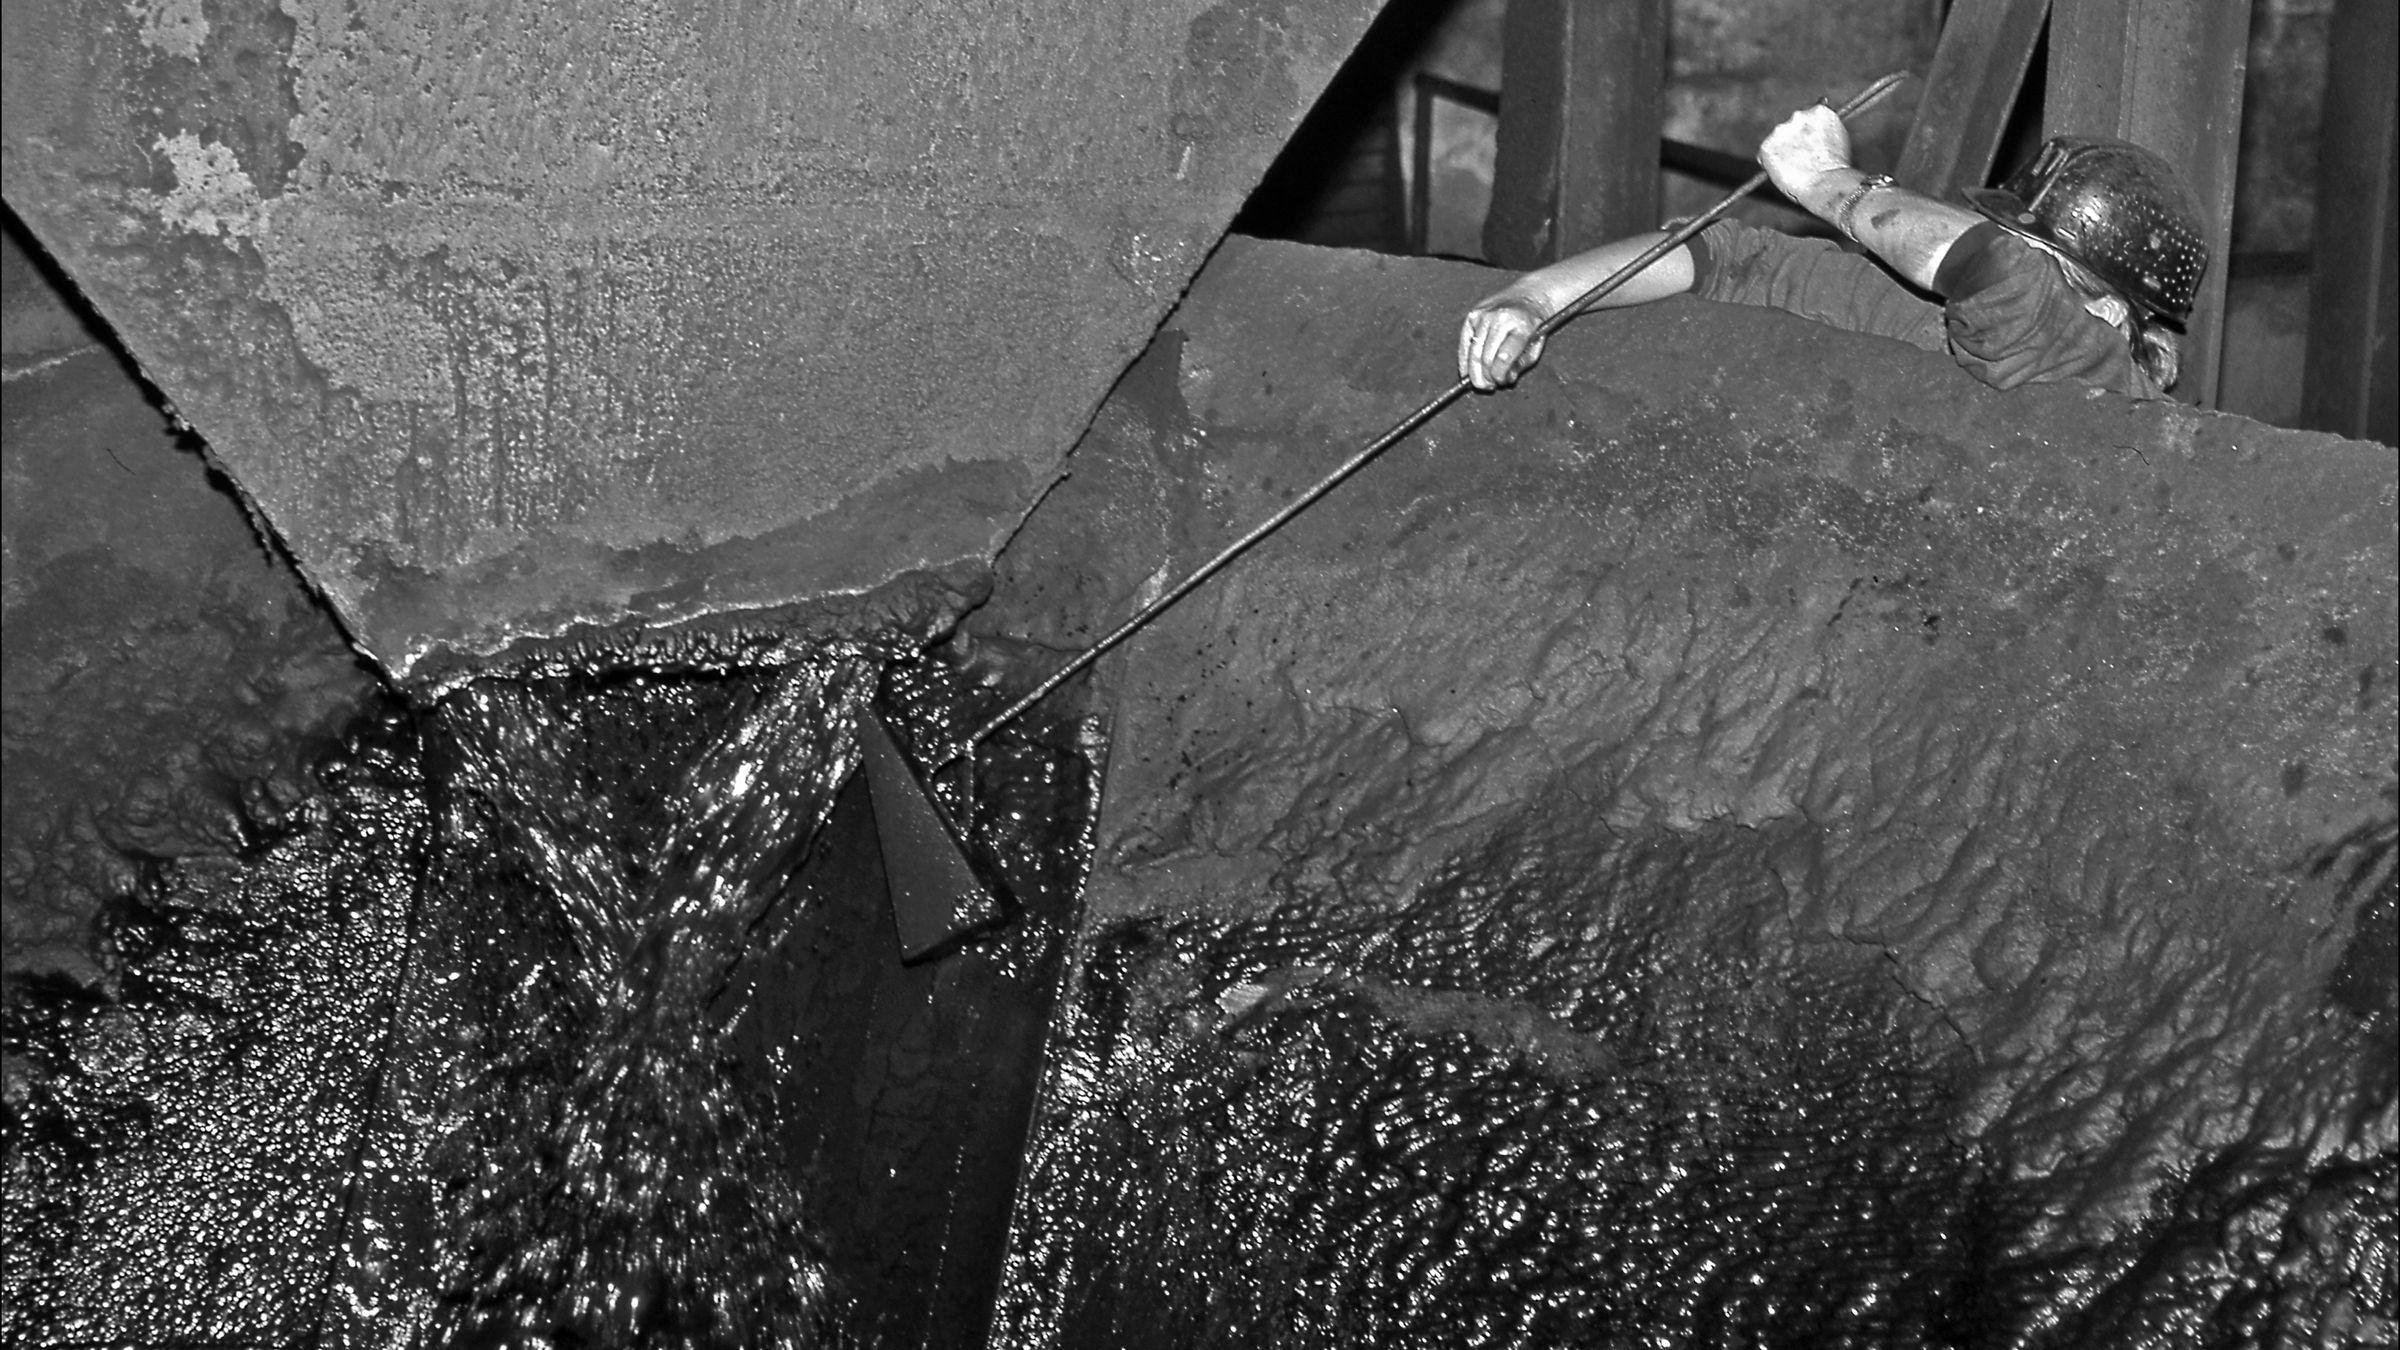 Cuatro décadas de la Ventolín en imágenes. Lavadero de Carbon de El Batan. Mieres. Asturias 1997